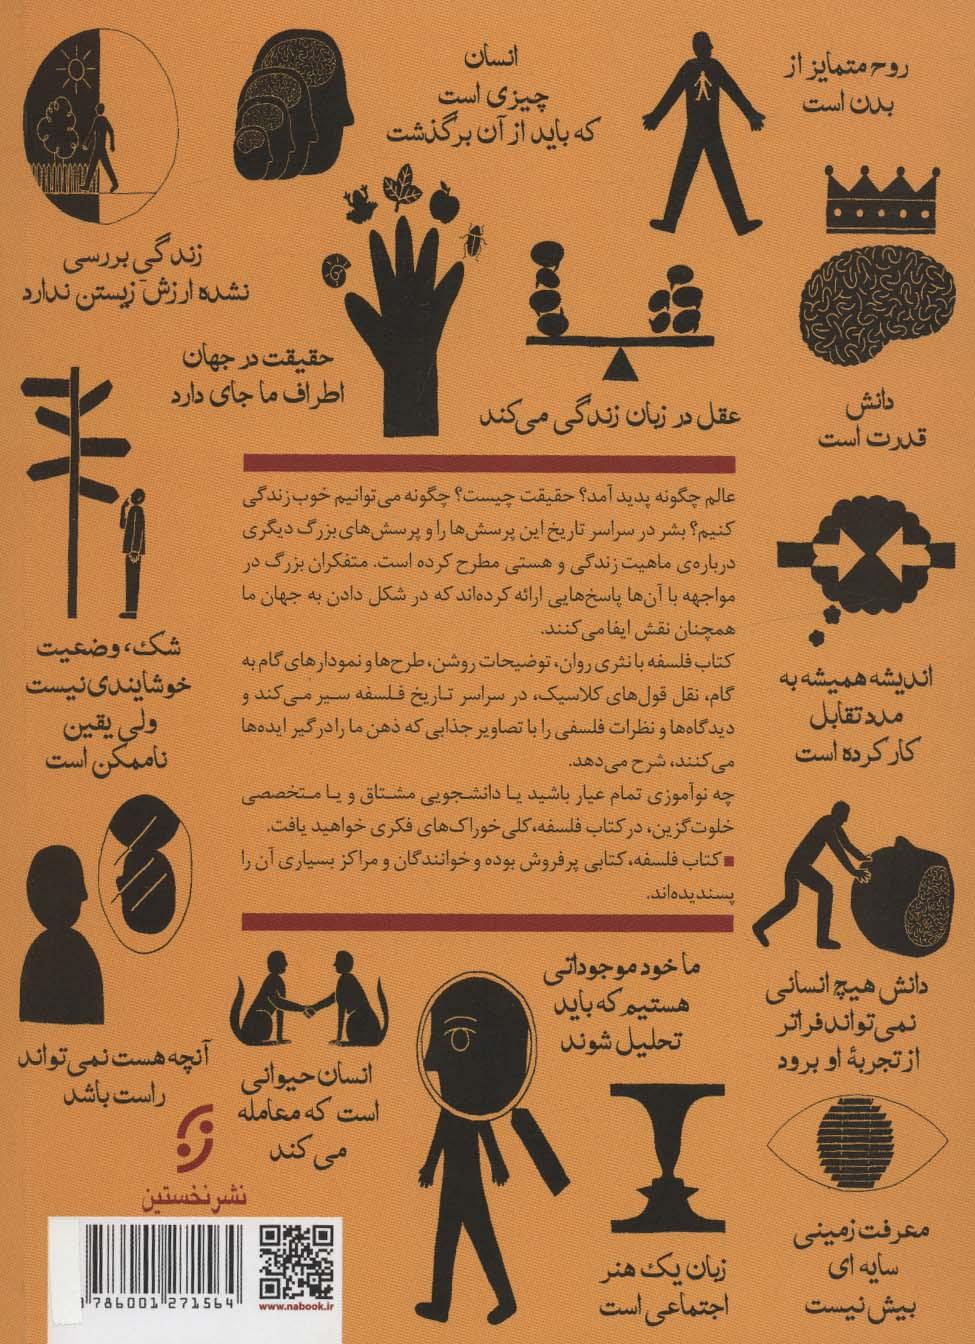 کتاب فلسفه (ایده های بزرگ به زبان ساده)